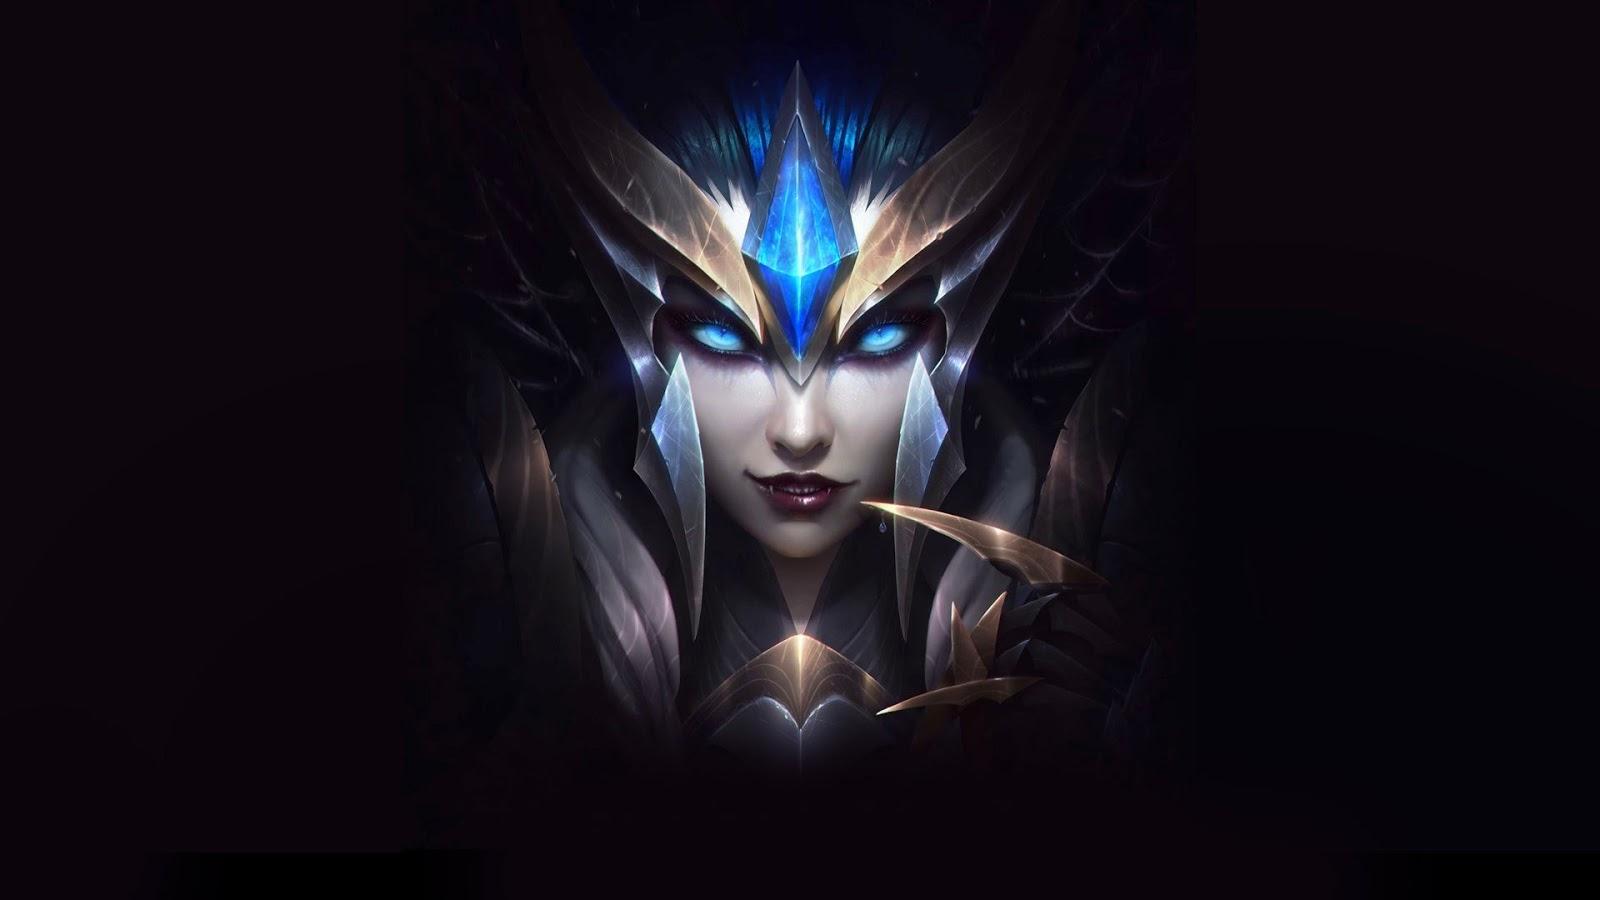 League of Legends Champions   Elise   LOL Wallpaper 1600x900